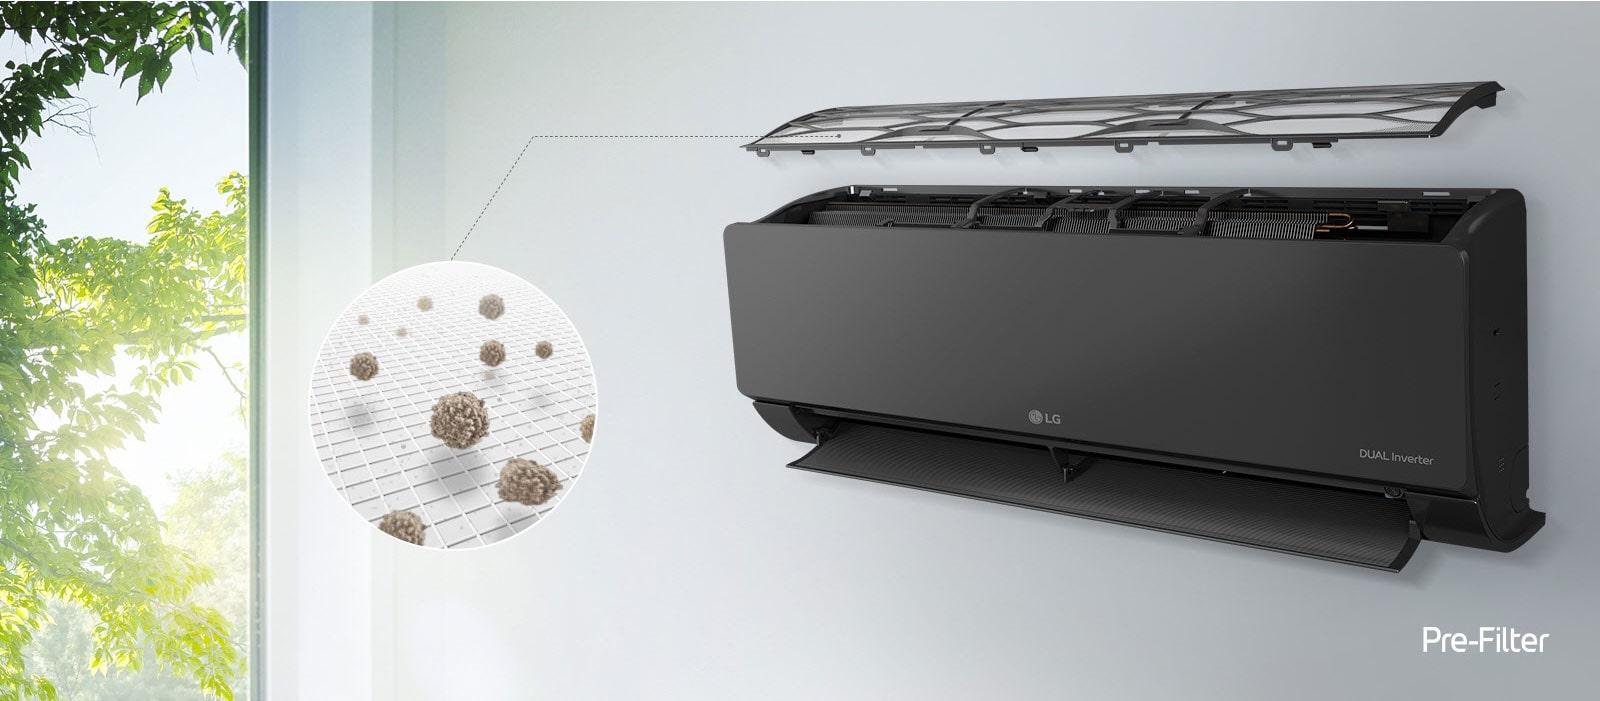 Το κλιματιστικό LG είναι τοποθετημένο στον τοίχο και φαίνεται στο πλάι υπό γωνία. Το άνω πάνελ αιωρείται από πάνω, για να φανούν τα εσωτερικά φίλτρα. Μια γραμμή από το προ-φίλτρο οδηγεί σε έναν κύκλο, μέσα στον οποίο απεικονίζεται σε μεγέθυνση η σκόνη που παγιδεύεται στο προ-φίλτρο. Το λογότυπο Pre-Filter φαίνεται στην κάτω δεξιά γωνία.